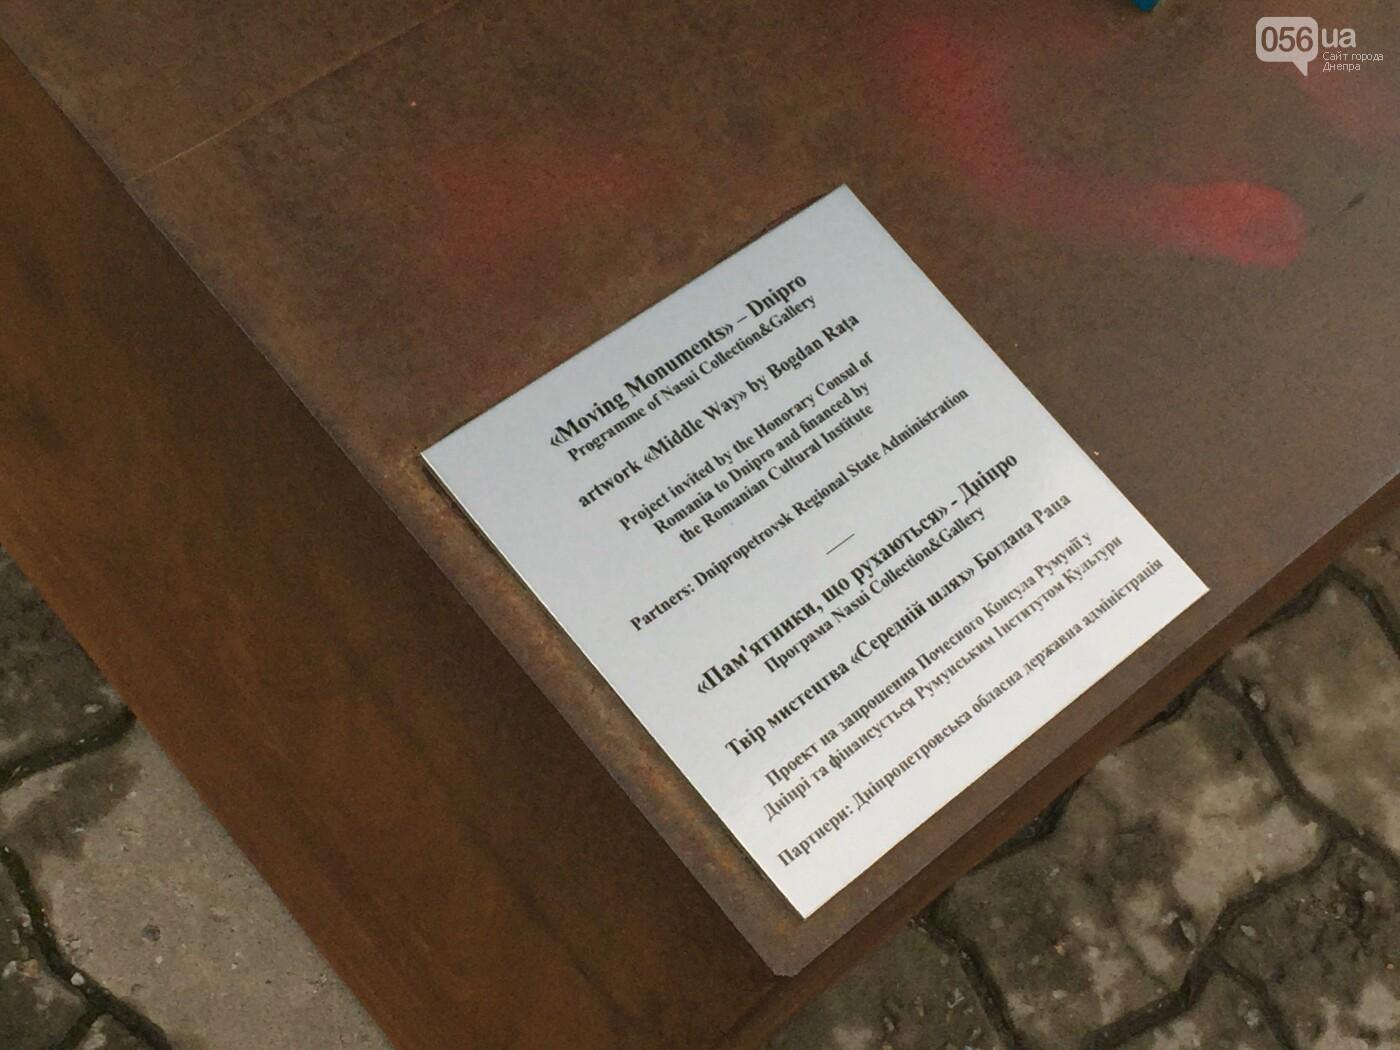 В центре Днепра появилась гигантская синяя рука: что значит этот арт-объект, - ФОТО, ВИДЕО, фото-12